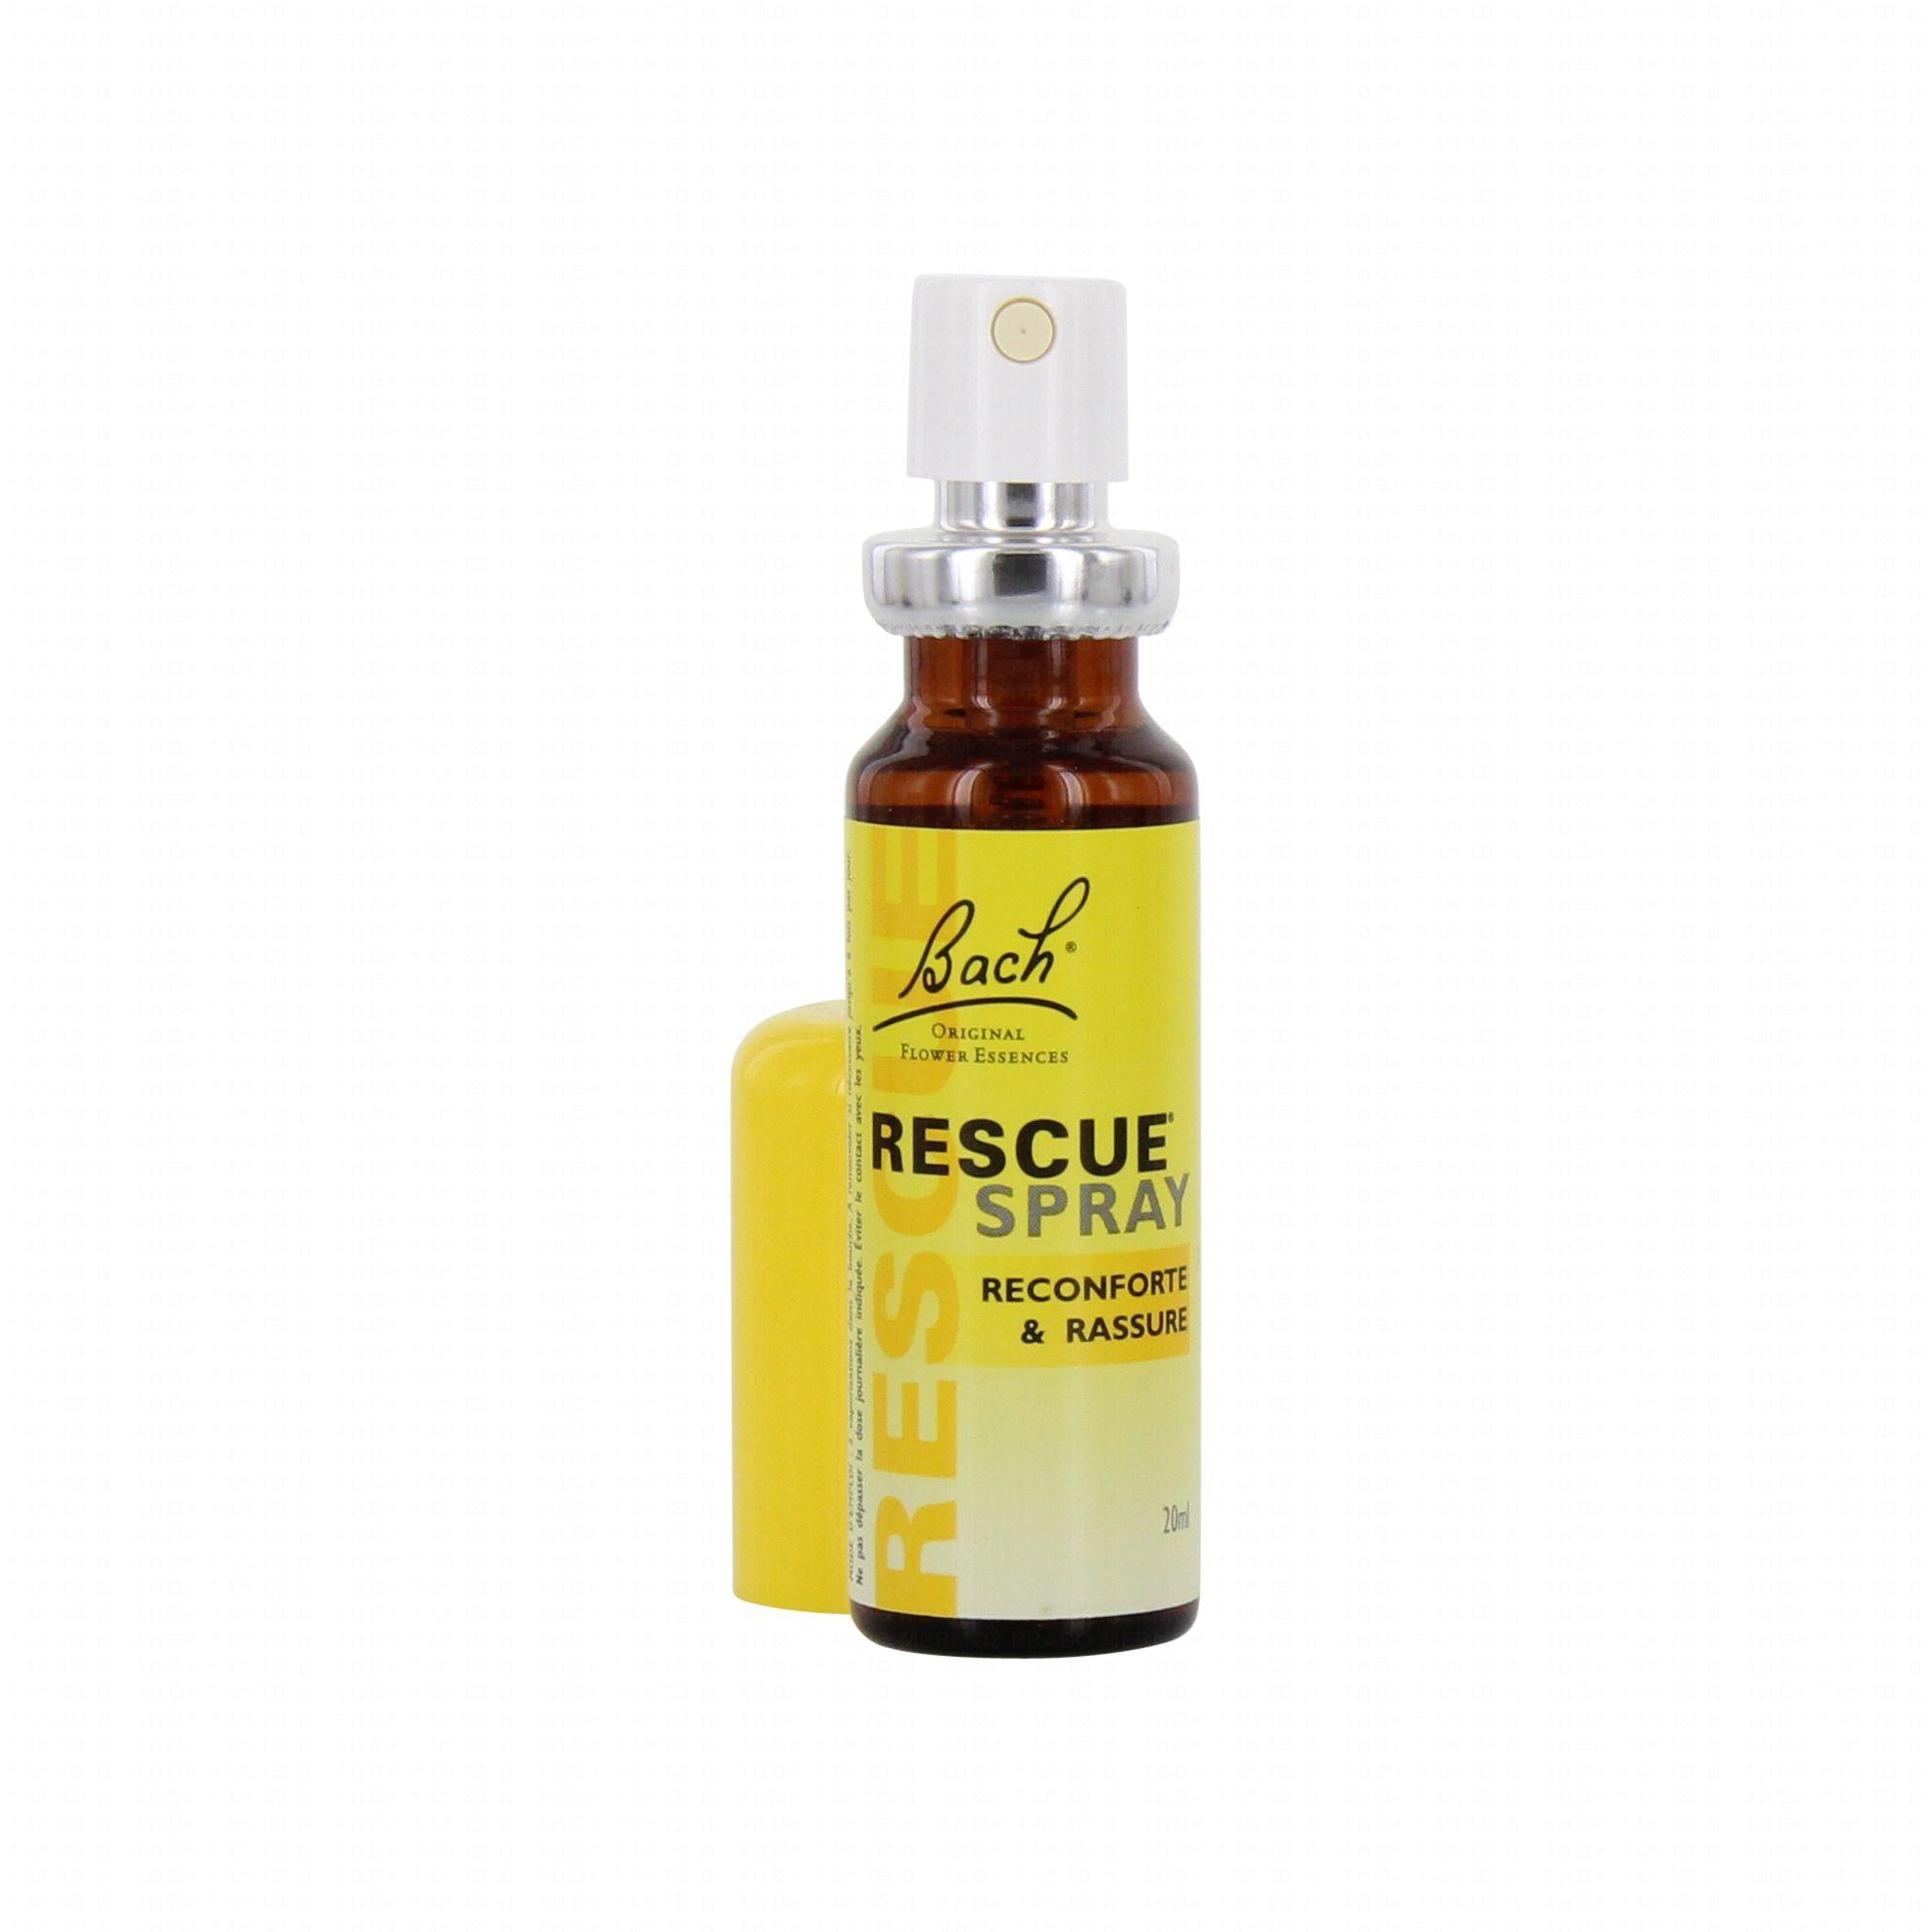 bach rescue fleurs de bach spray 20ml pharmacie en ligne prado mermoz